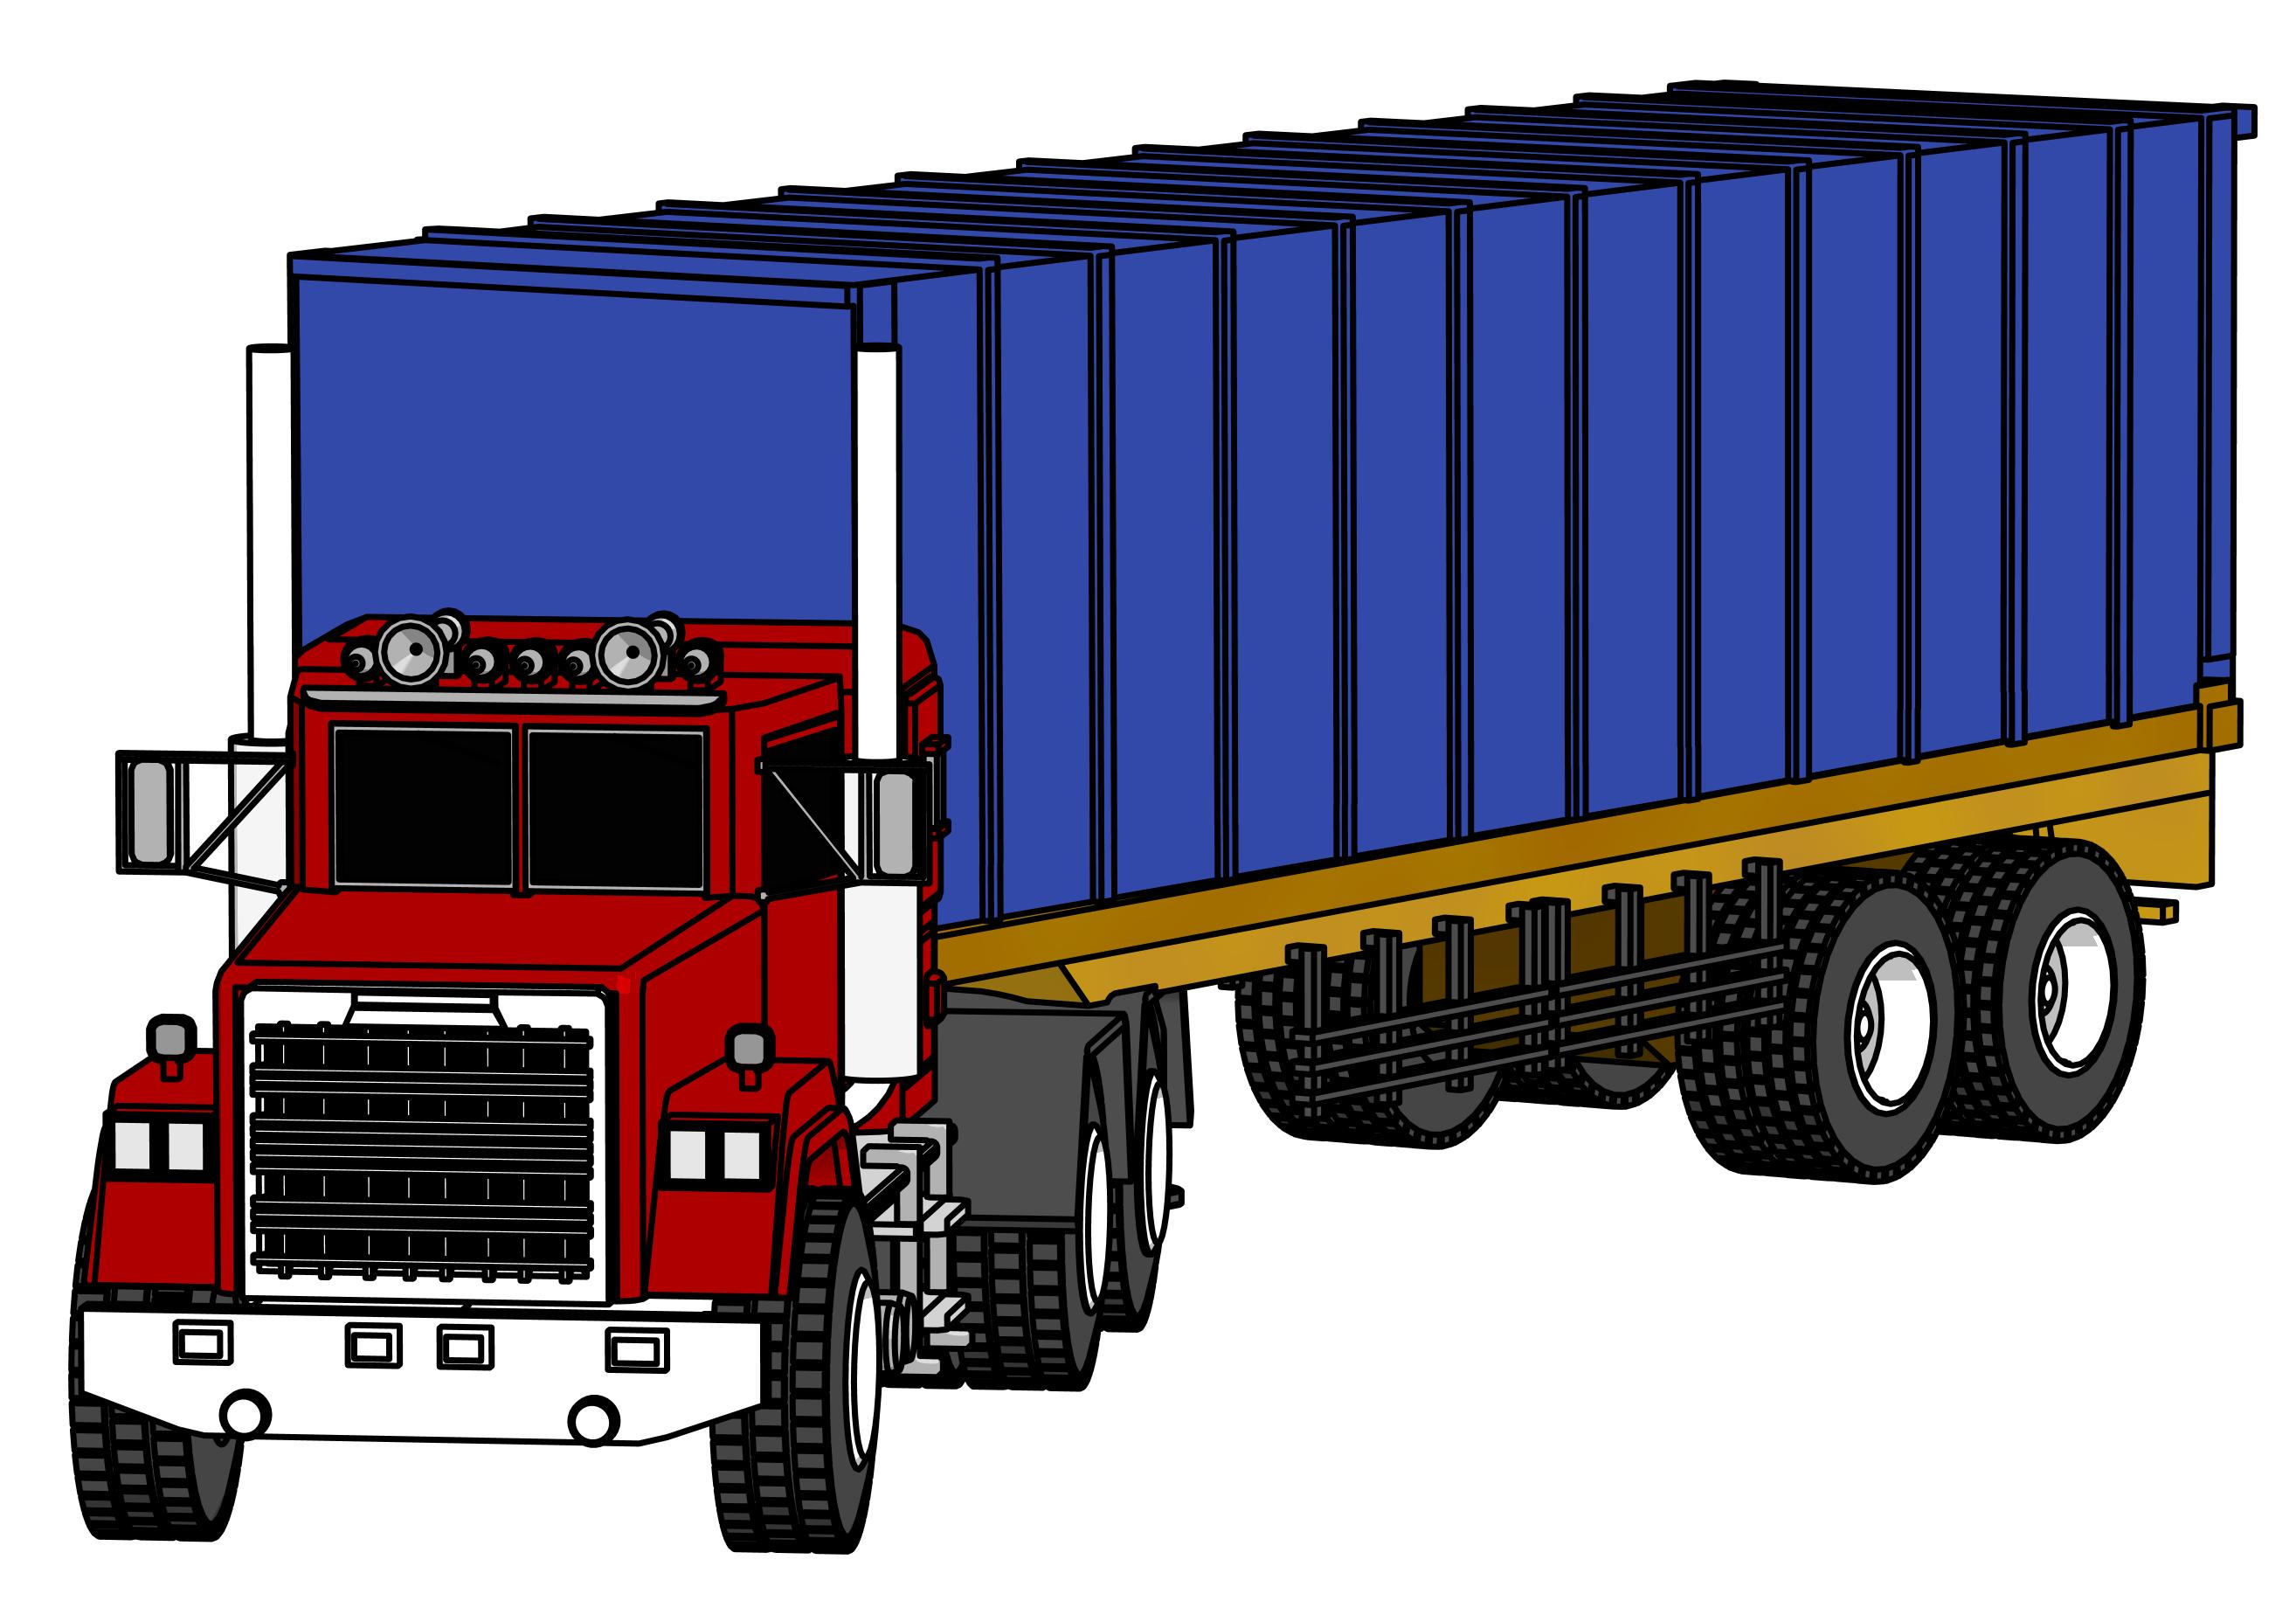 Big truck clipart clip art freeuse download Clipart apple truck, Clipart apple truck Transparent FREE for ... clip art freeuse download